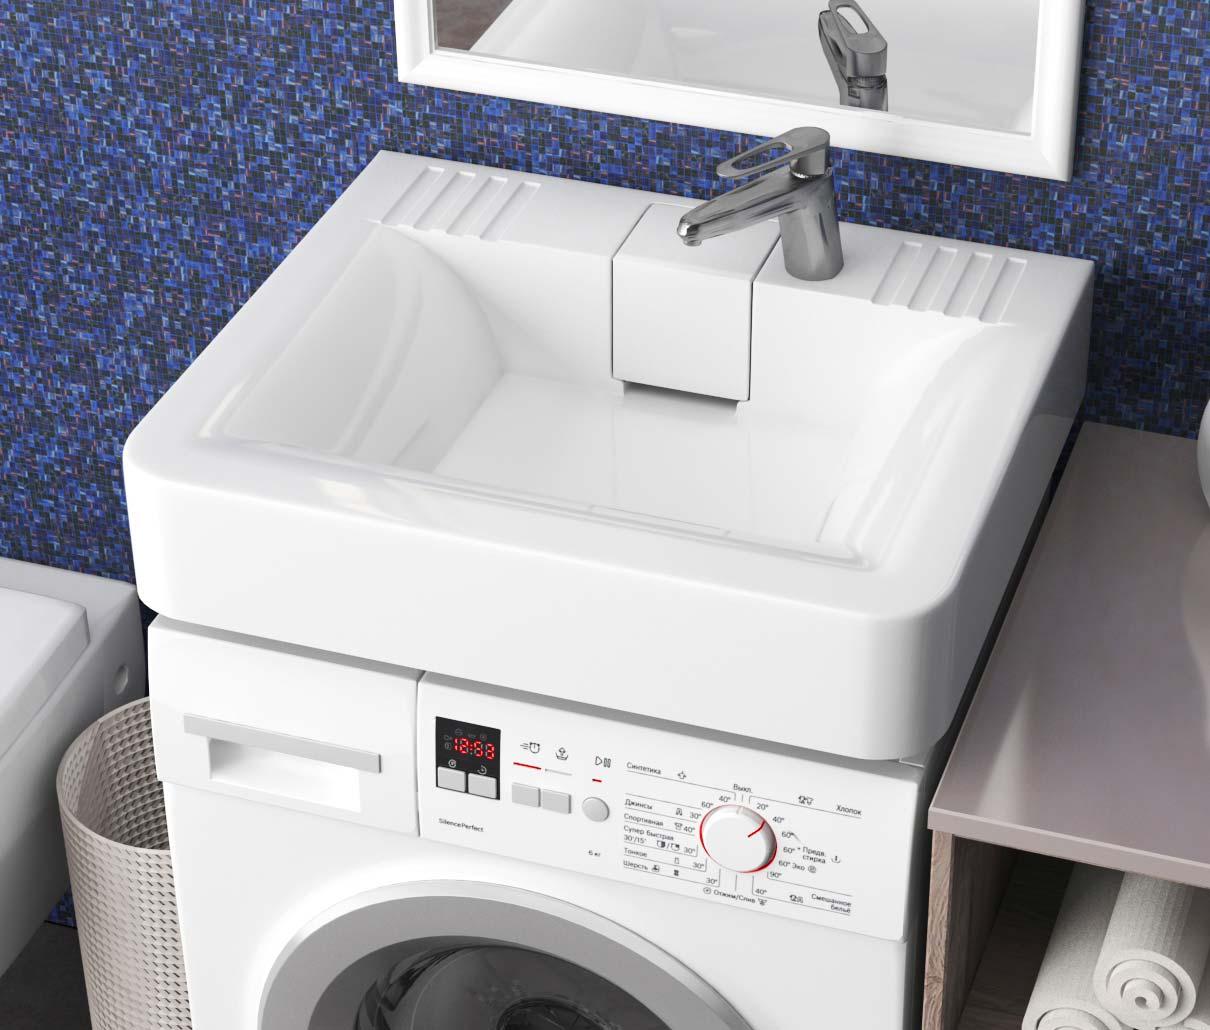 бегло говорит мойка над стиральной машиной фото люди